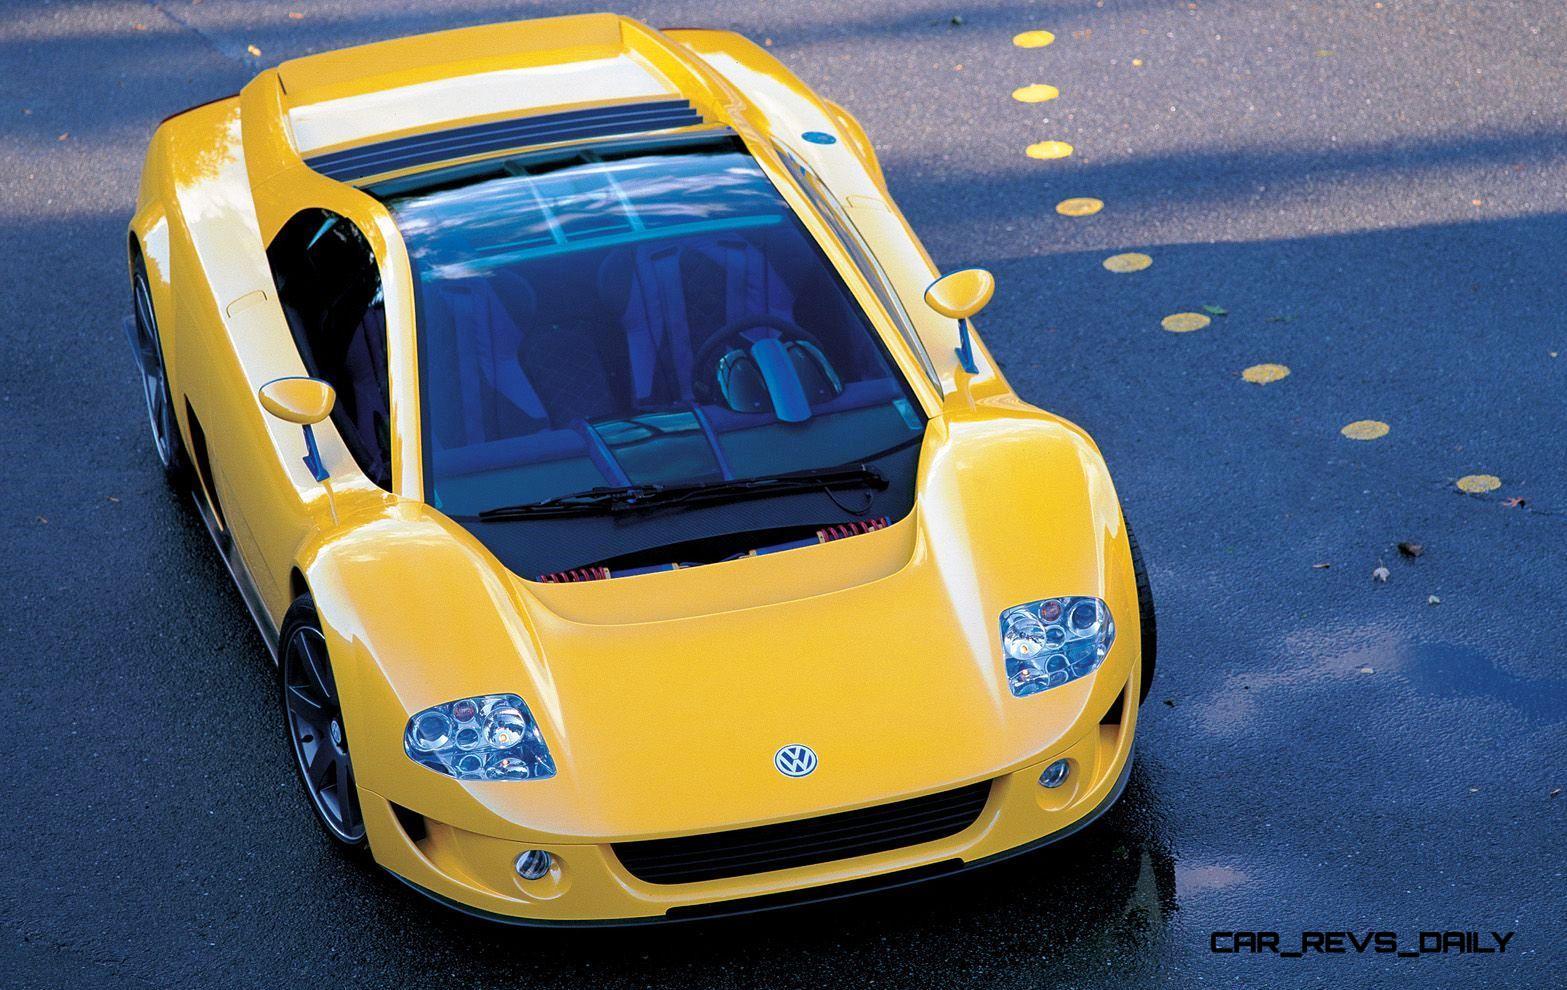 1997 Volkswagen W12 SYNCHRO 1